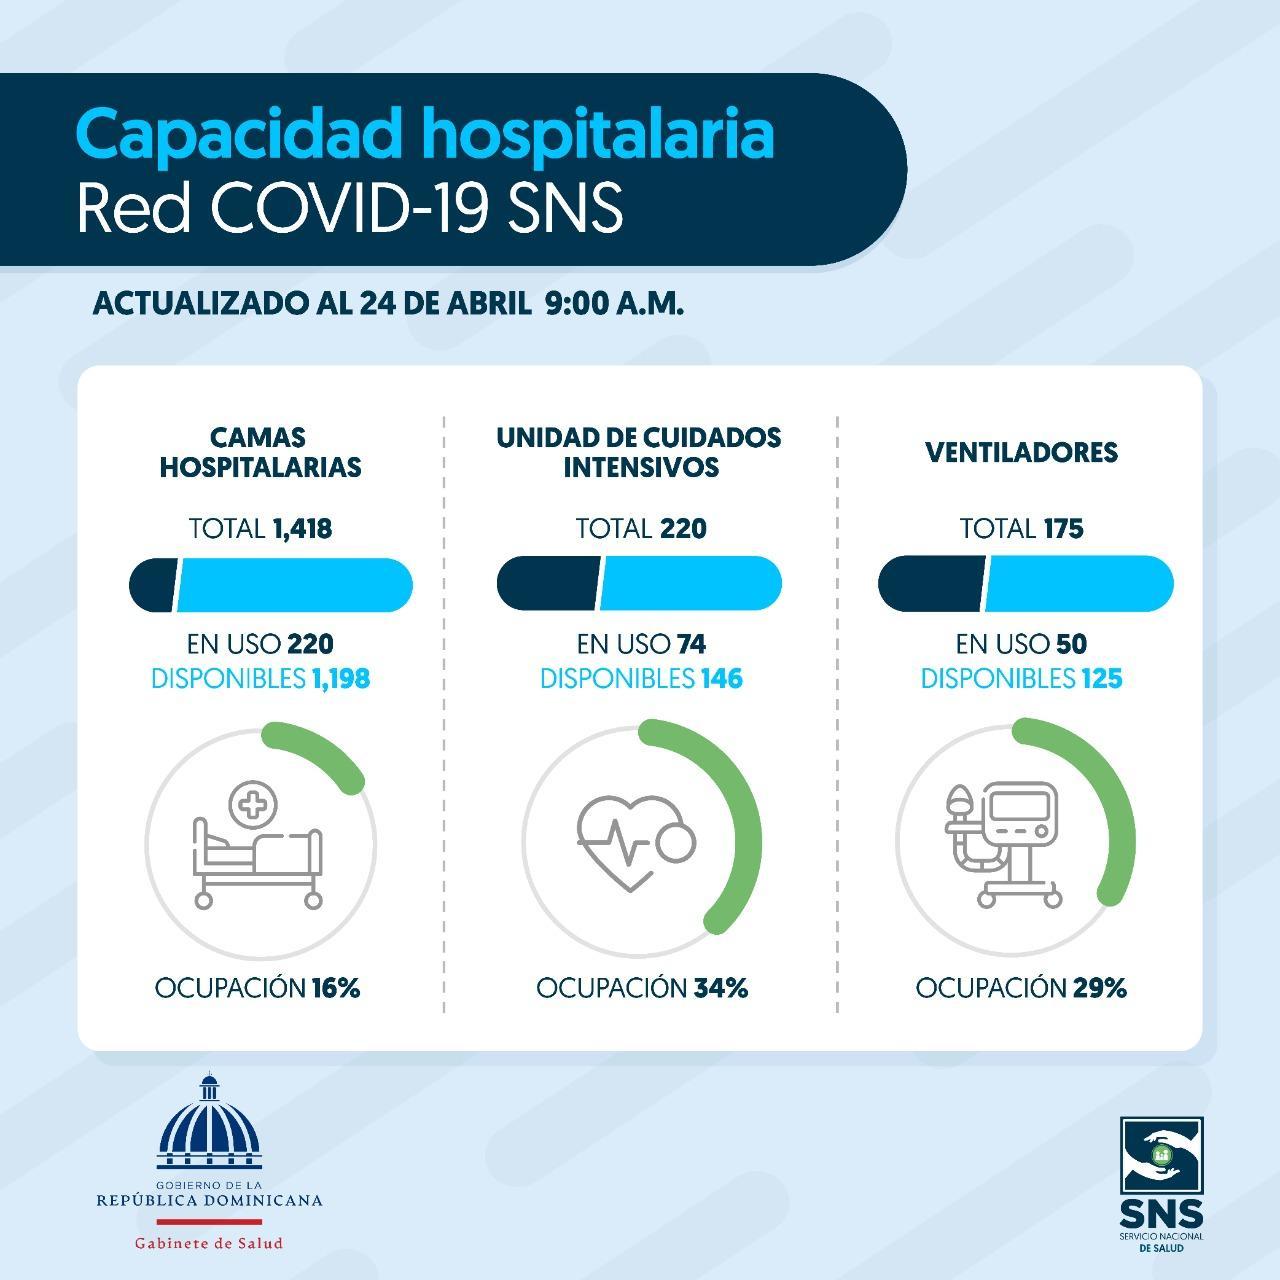 Hospitales públicos registran 84% camas disponibles para atención COVID-19 a nivel nacional